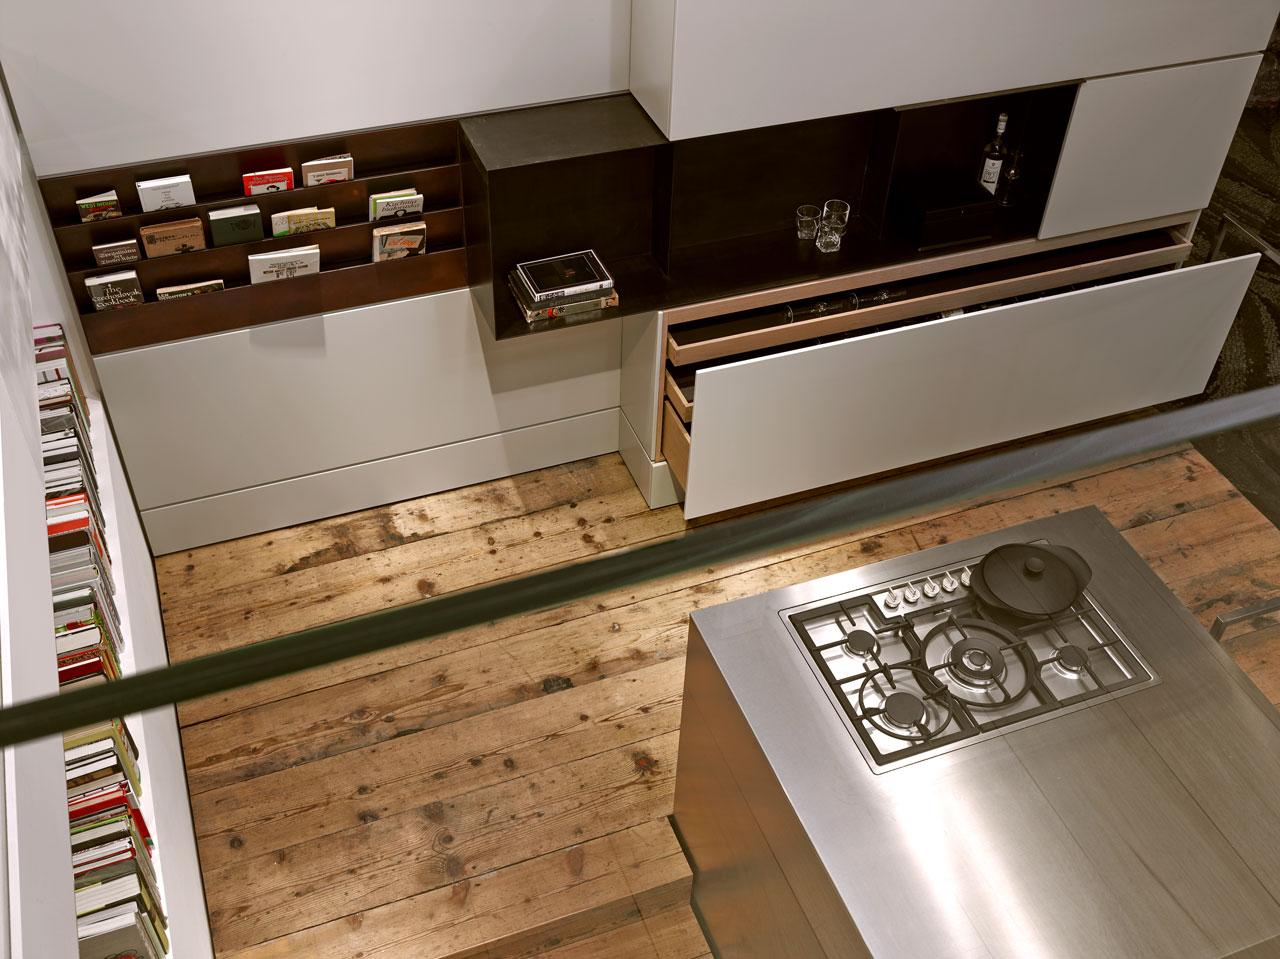 Modern Crockery Cabi  Designs in addition Modern Crockery Cabi  Designs in addition 14038 in addition Bulthaup Kitchen Design Ideas likewise Bulthaup wabi Sabikitchen. on bulthaup wall storage